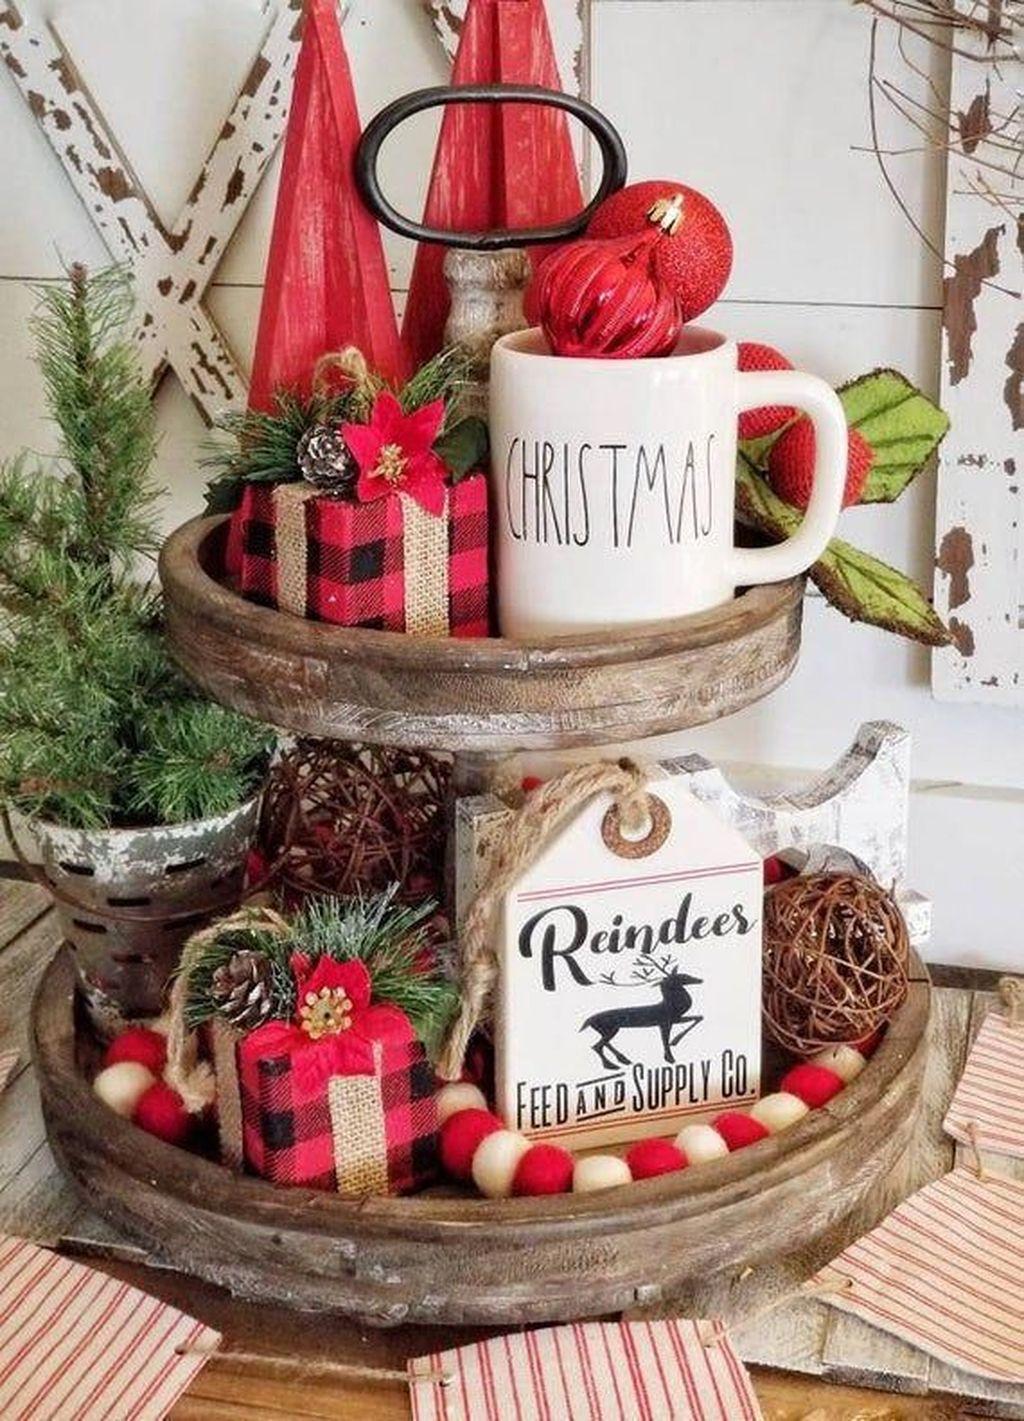 Awesome Christmas Theme Kitchen Decor Ideas 22